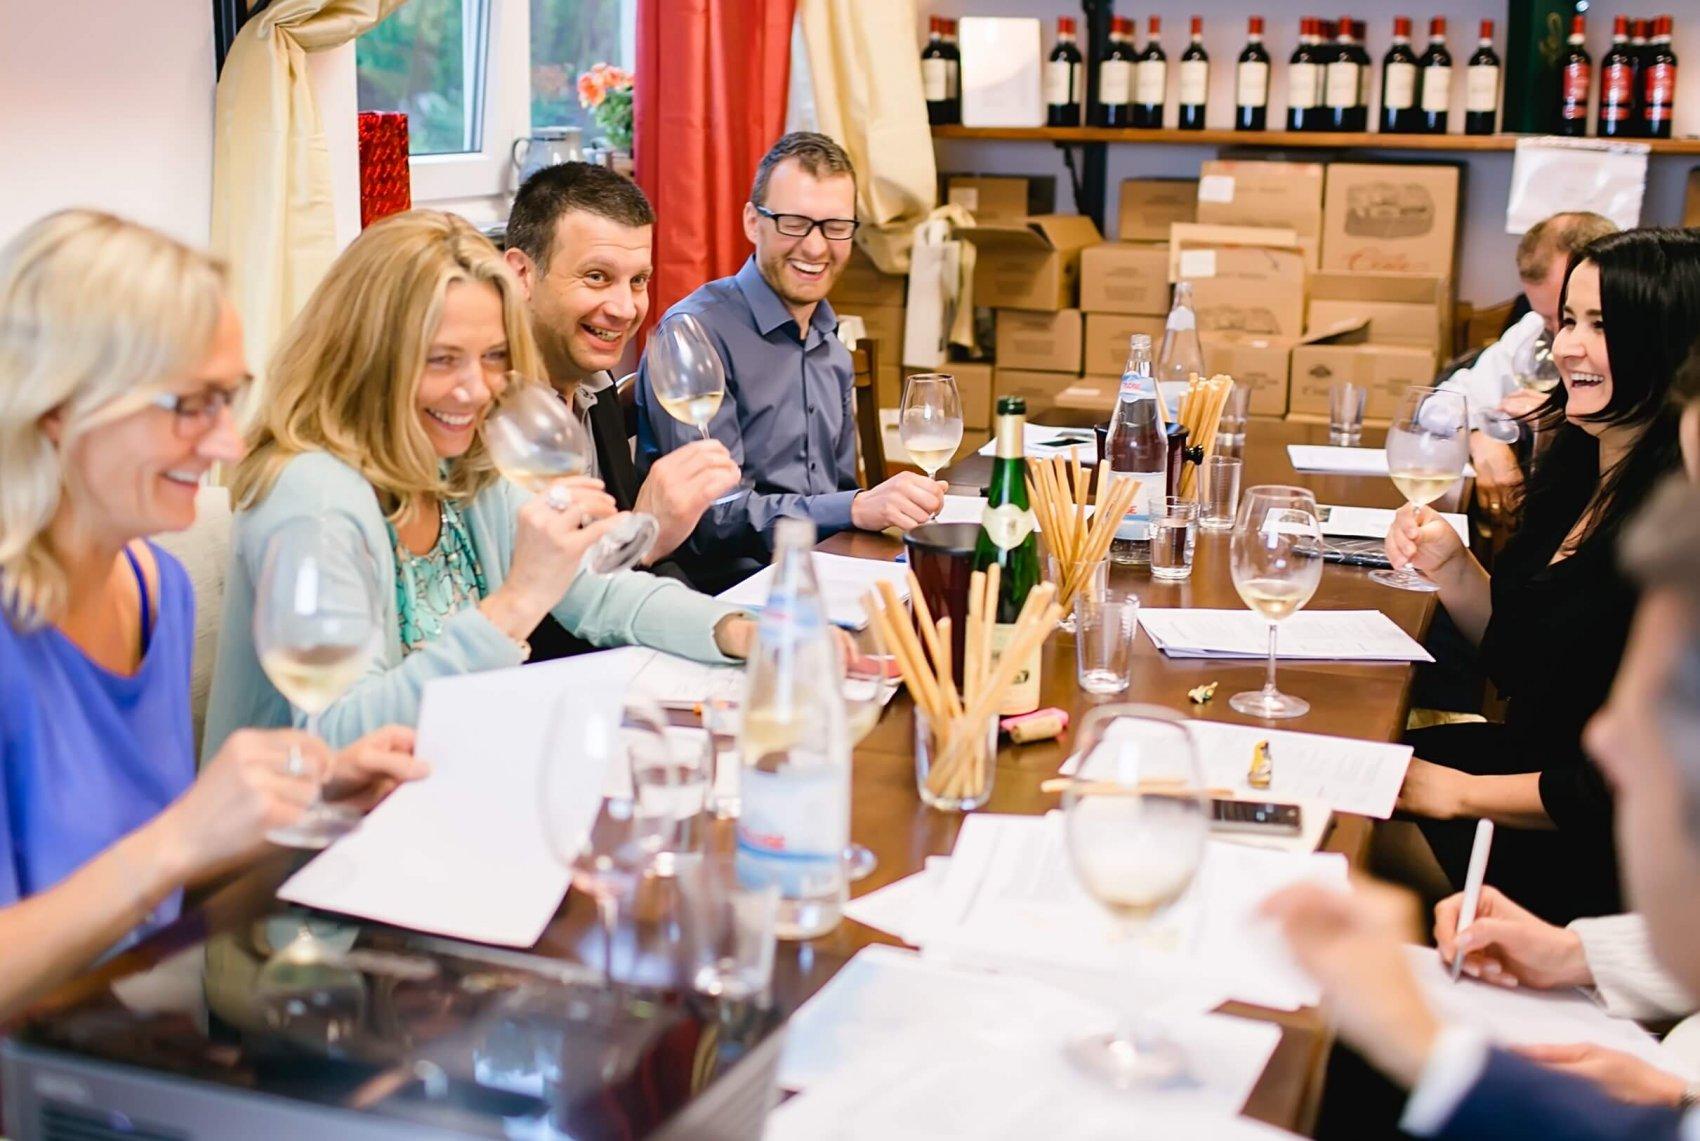 Eurowine Education - Weinkurse, Weinseminare und Weinreisen